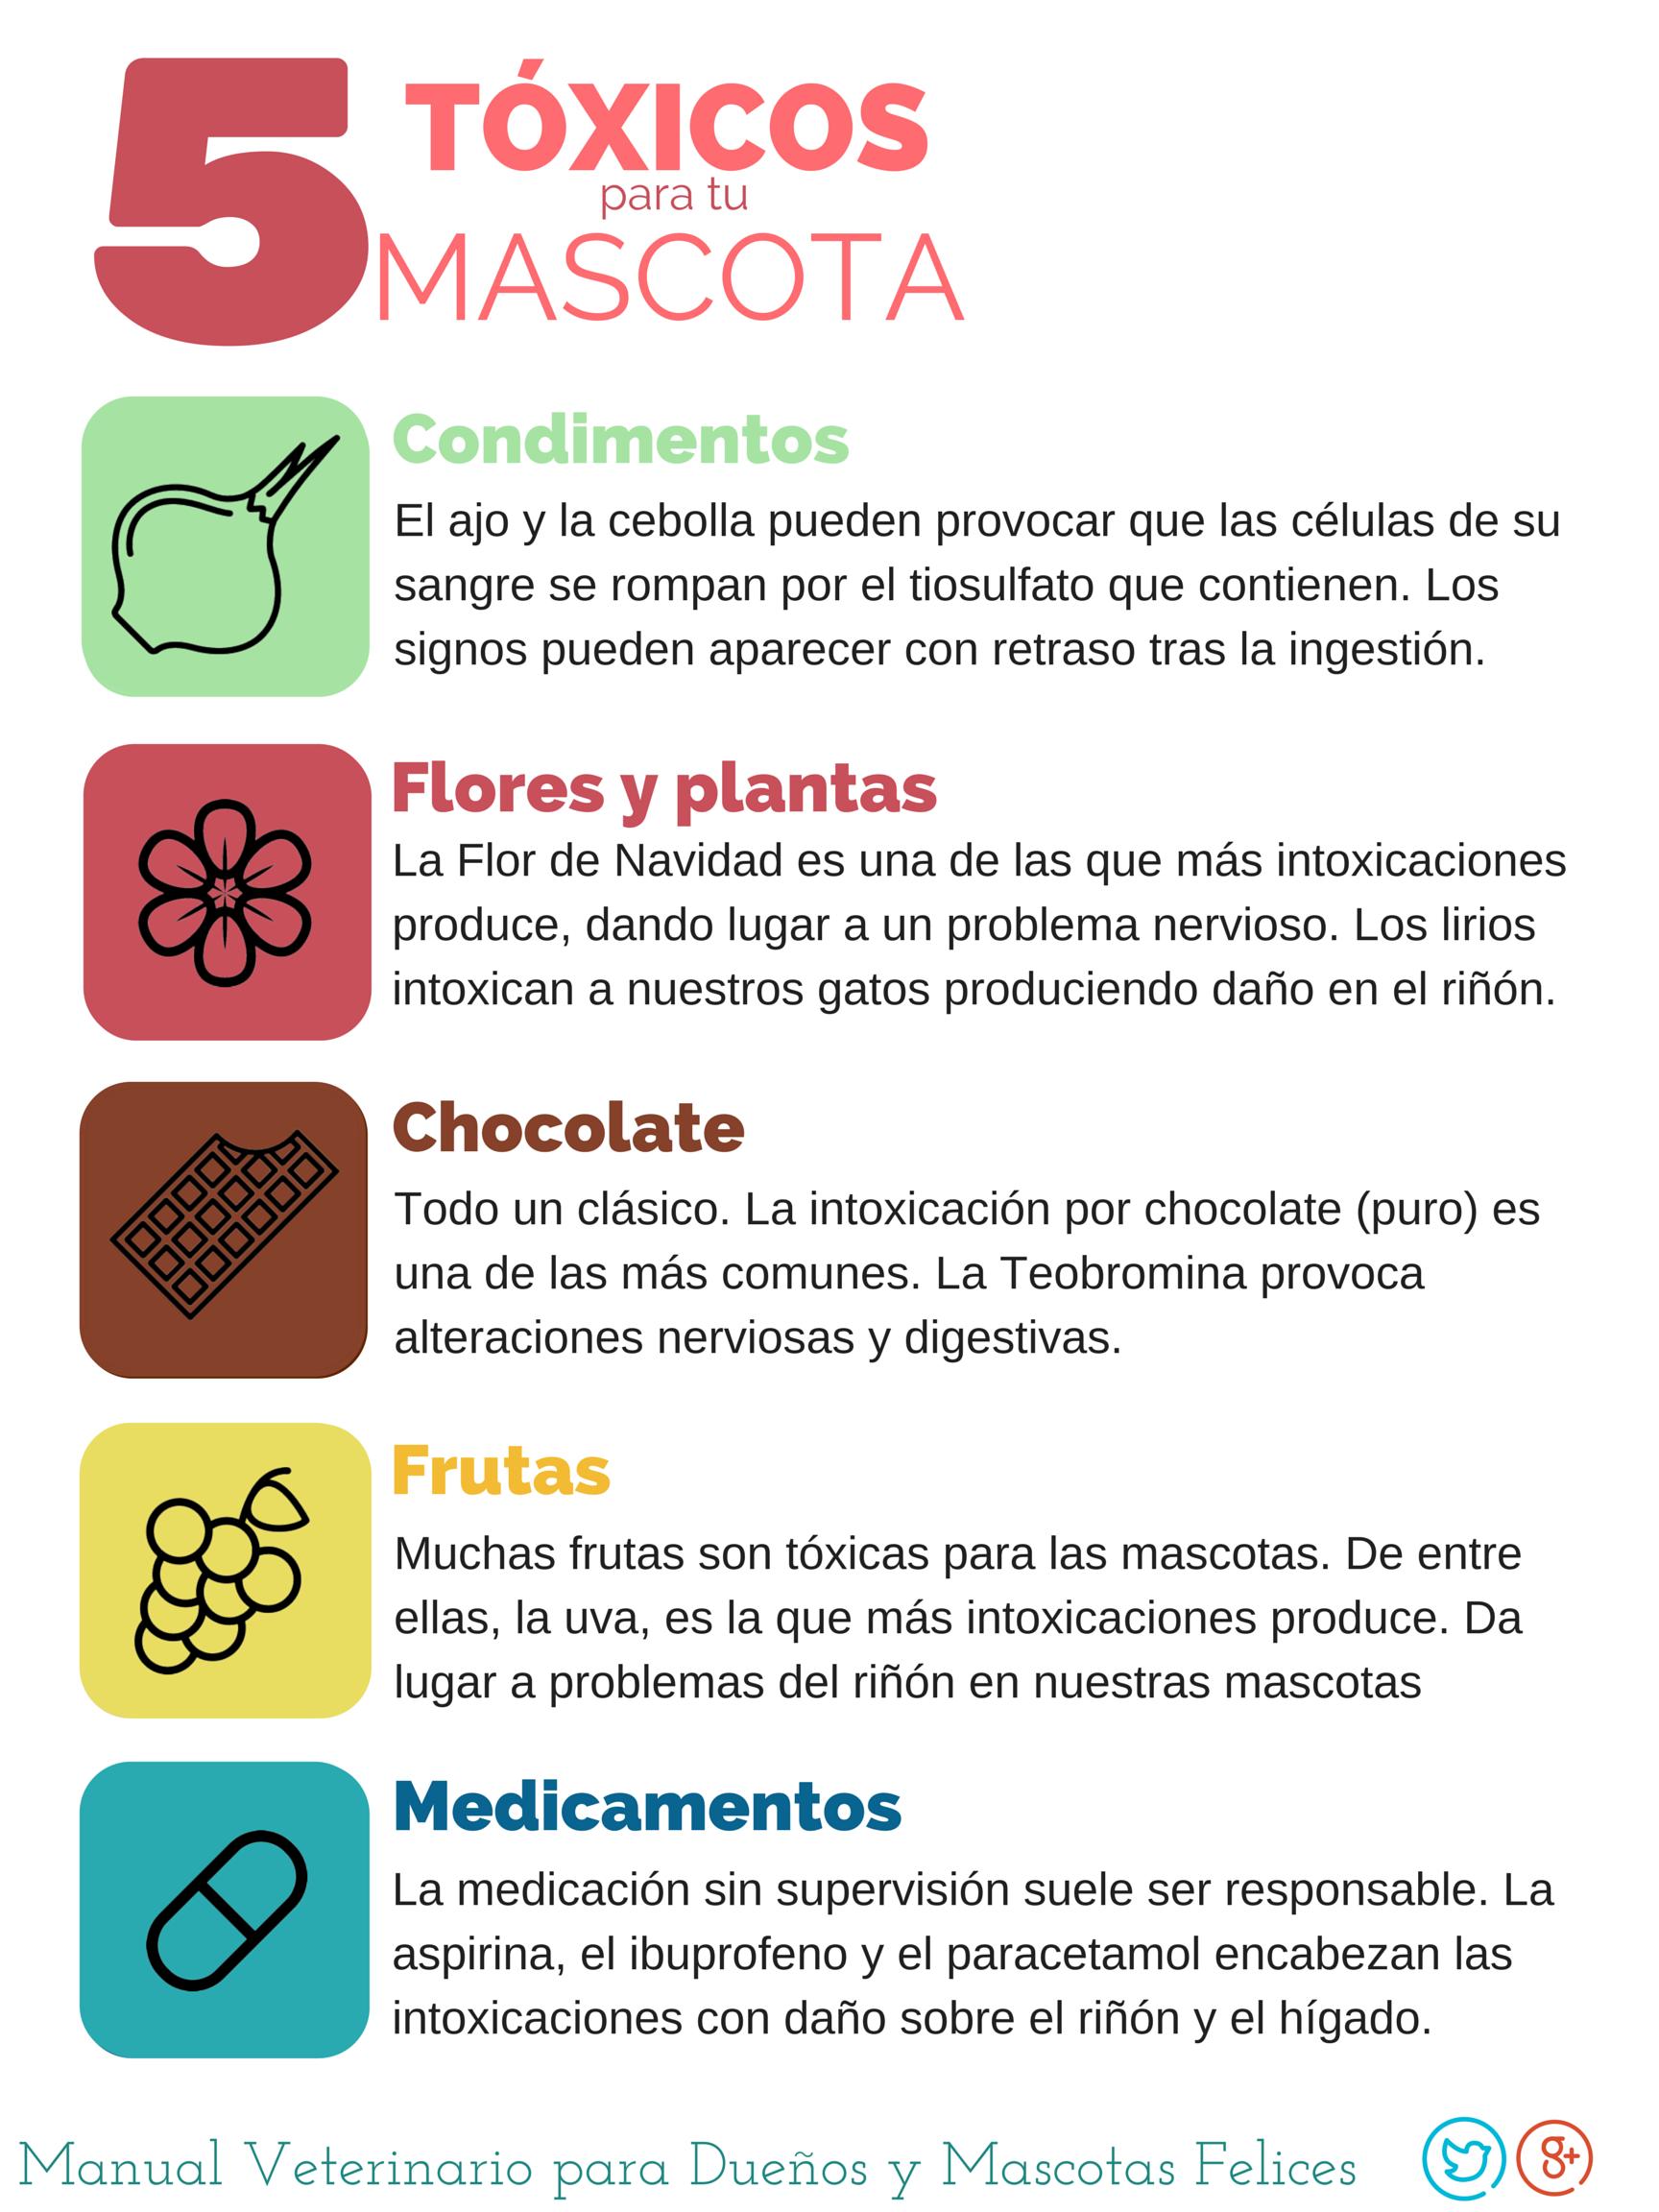 Los cinco tóxicos para tu mascota: Condimentos (cebolla y ajo), Flores y plantas (la Flor de Navidad y los Lirios), el Chocolate, las Frutas (las uvas) y los Medicamentos (Ibuprofeno, aspirina, y paracetamol)